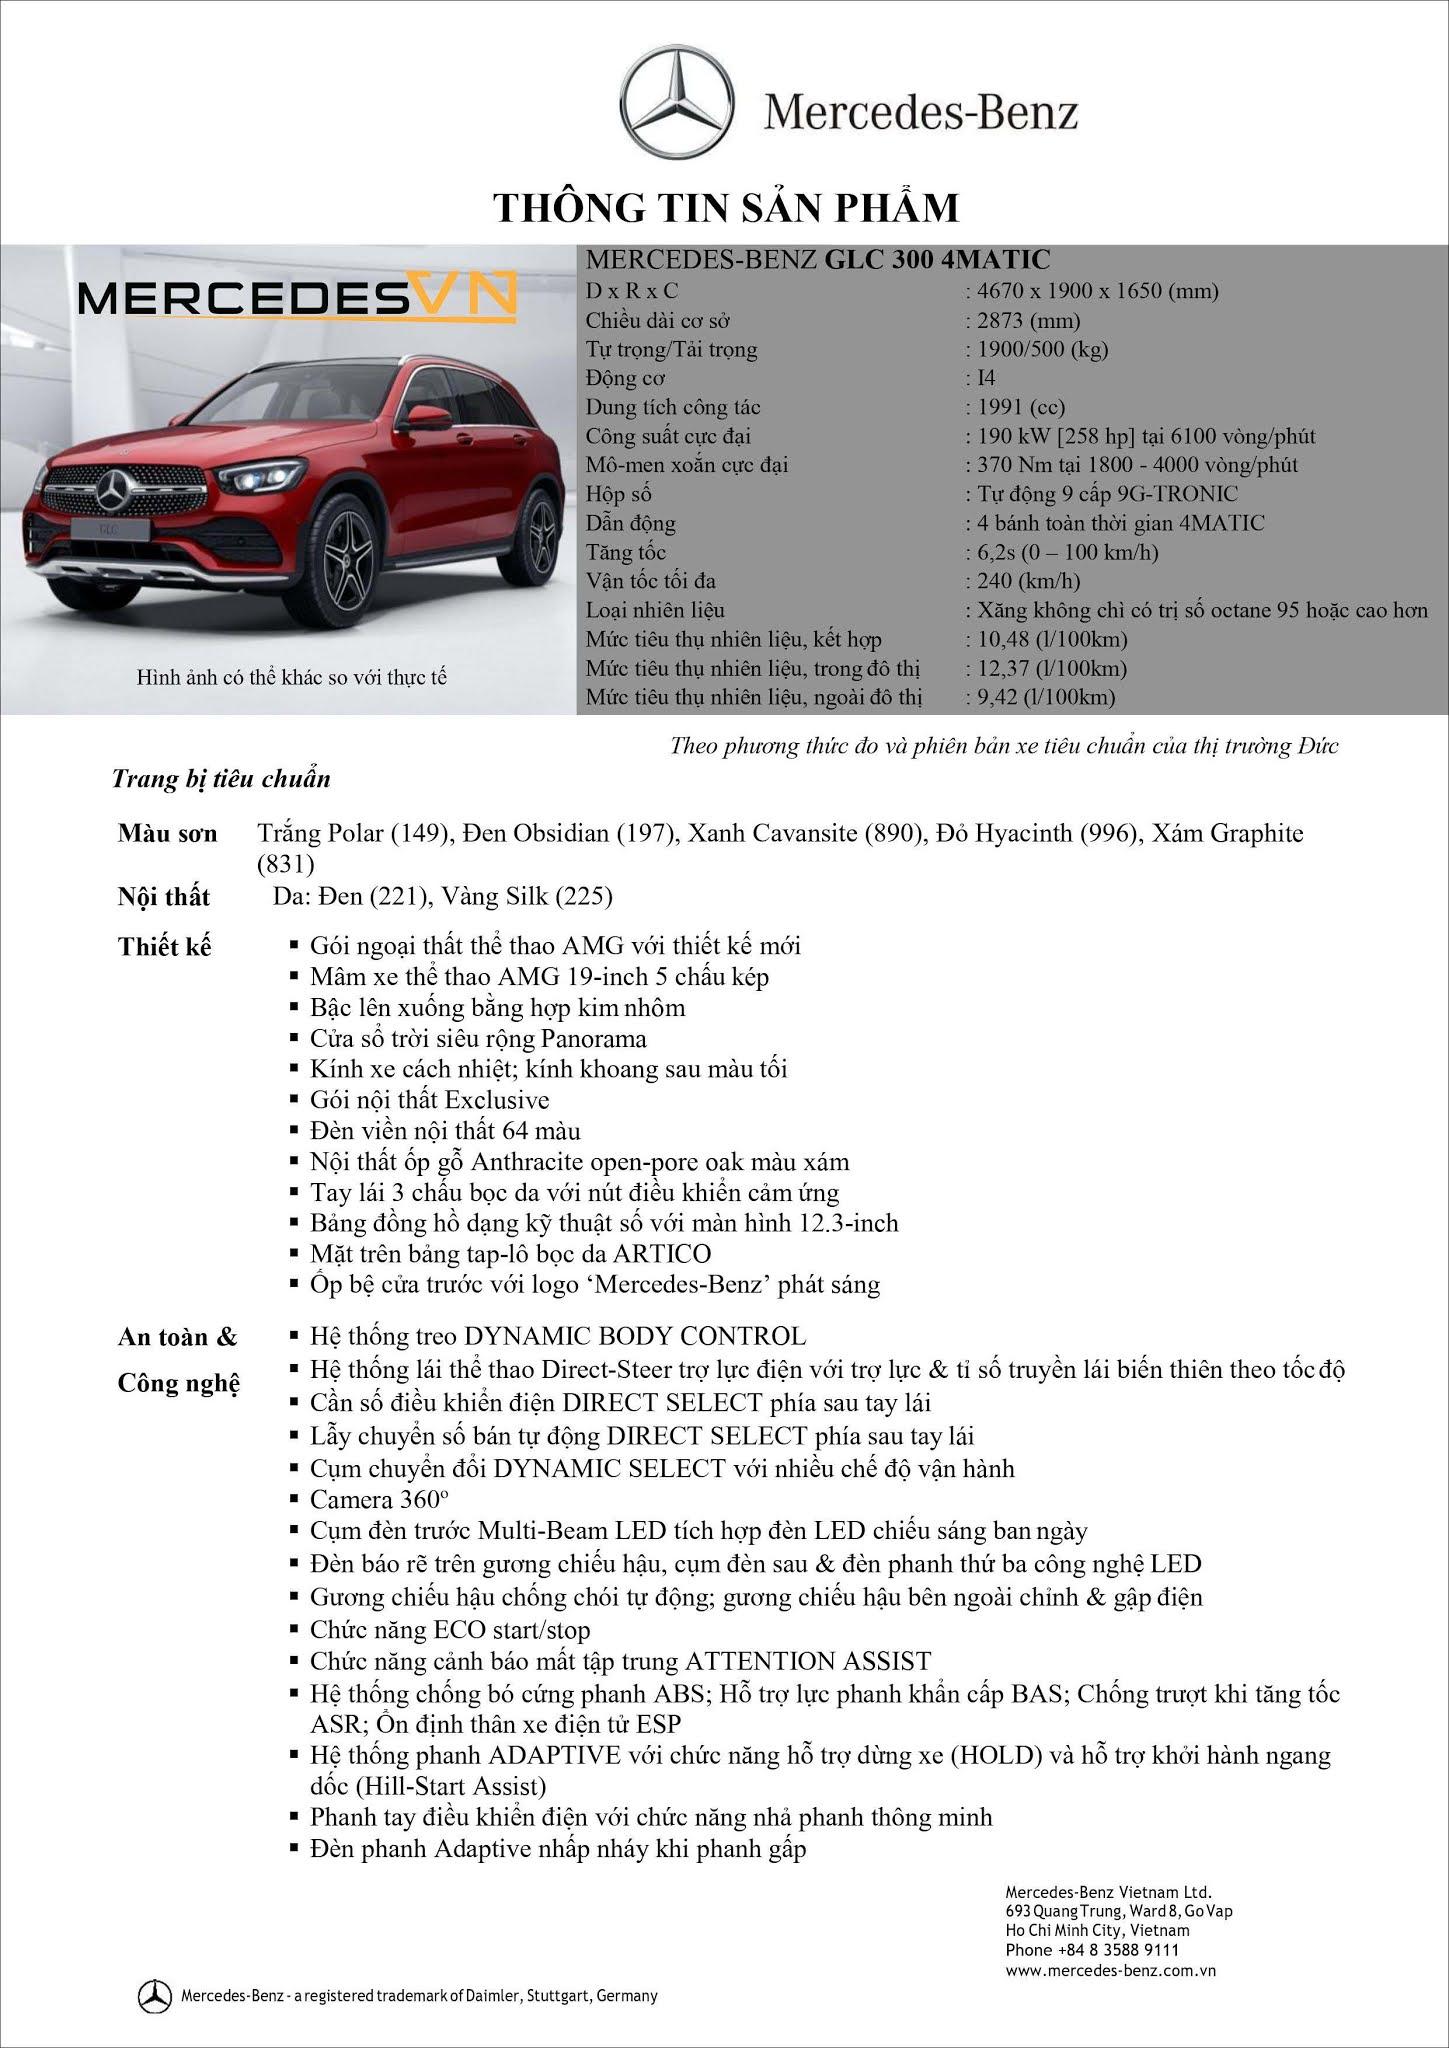 Bảng thông số kỹ thuật Mercedes GLC 300 4MATIC 2021